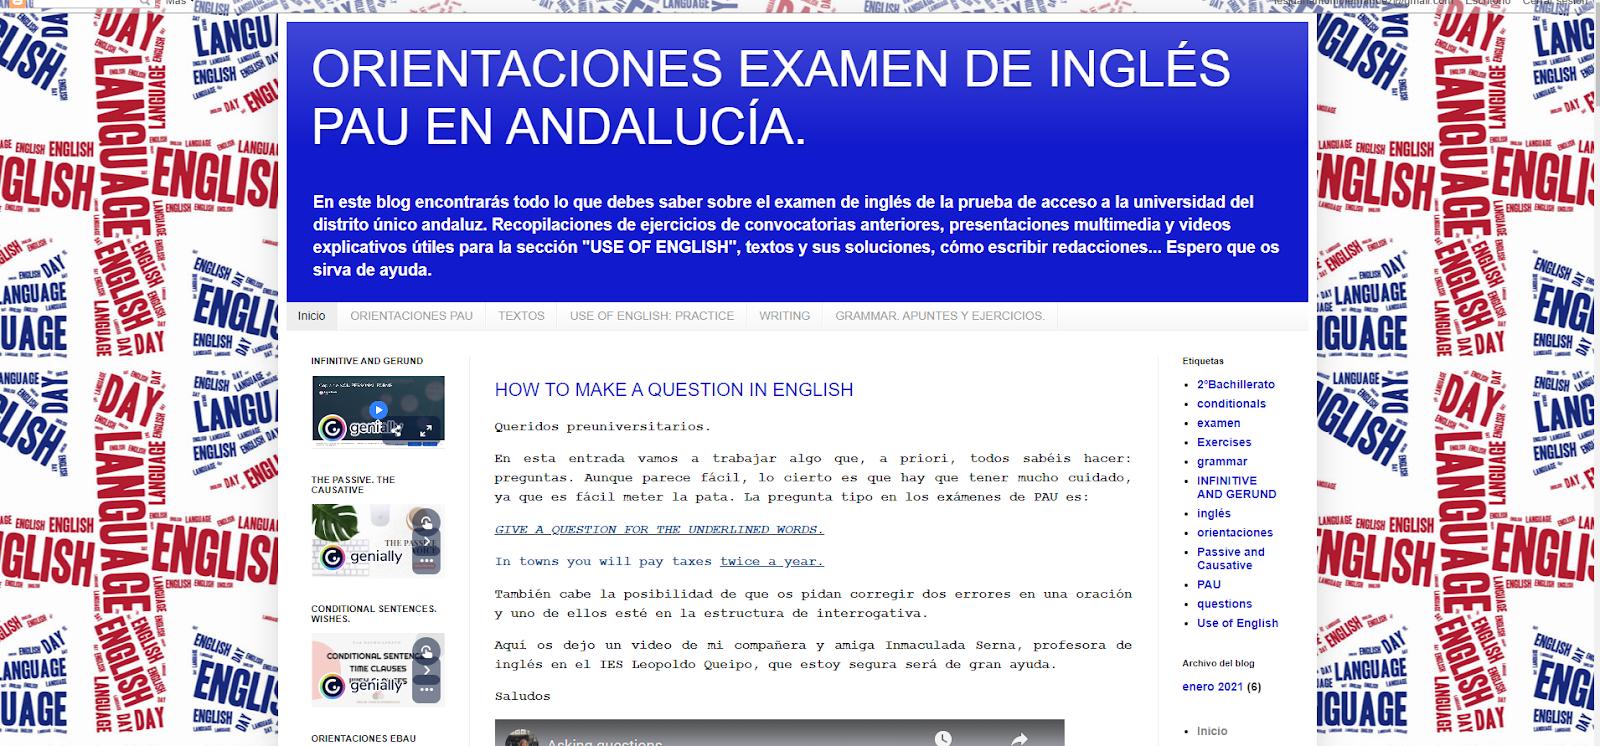 Orientaciones examen de Inglés. PEvAU